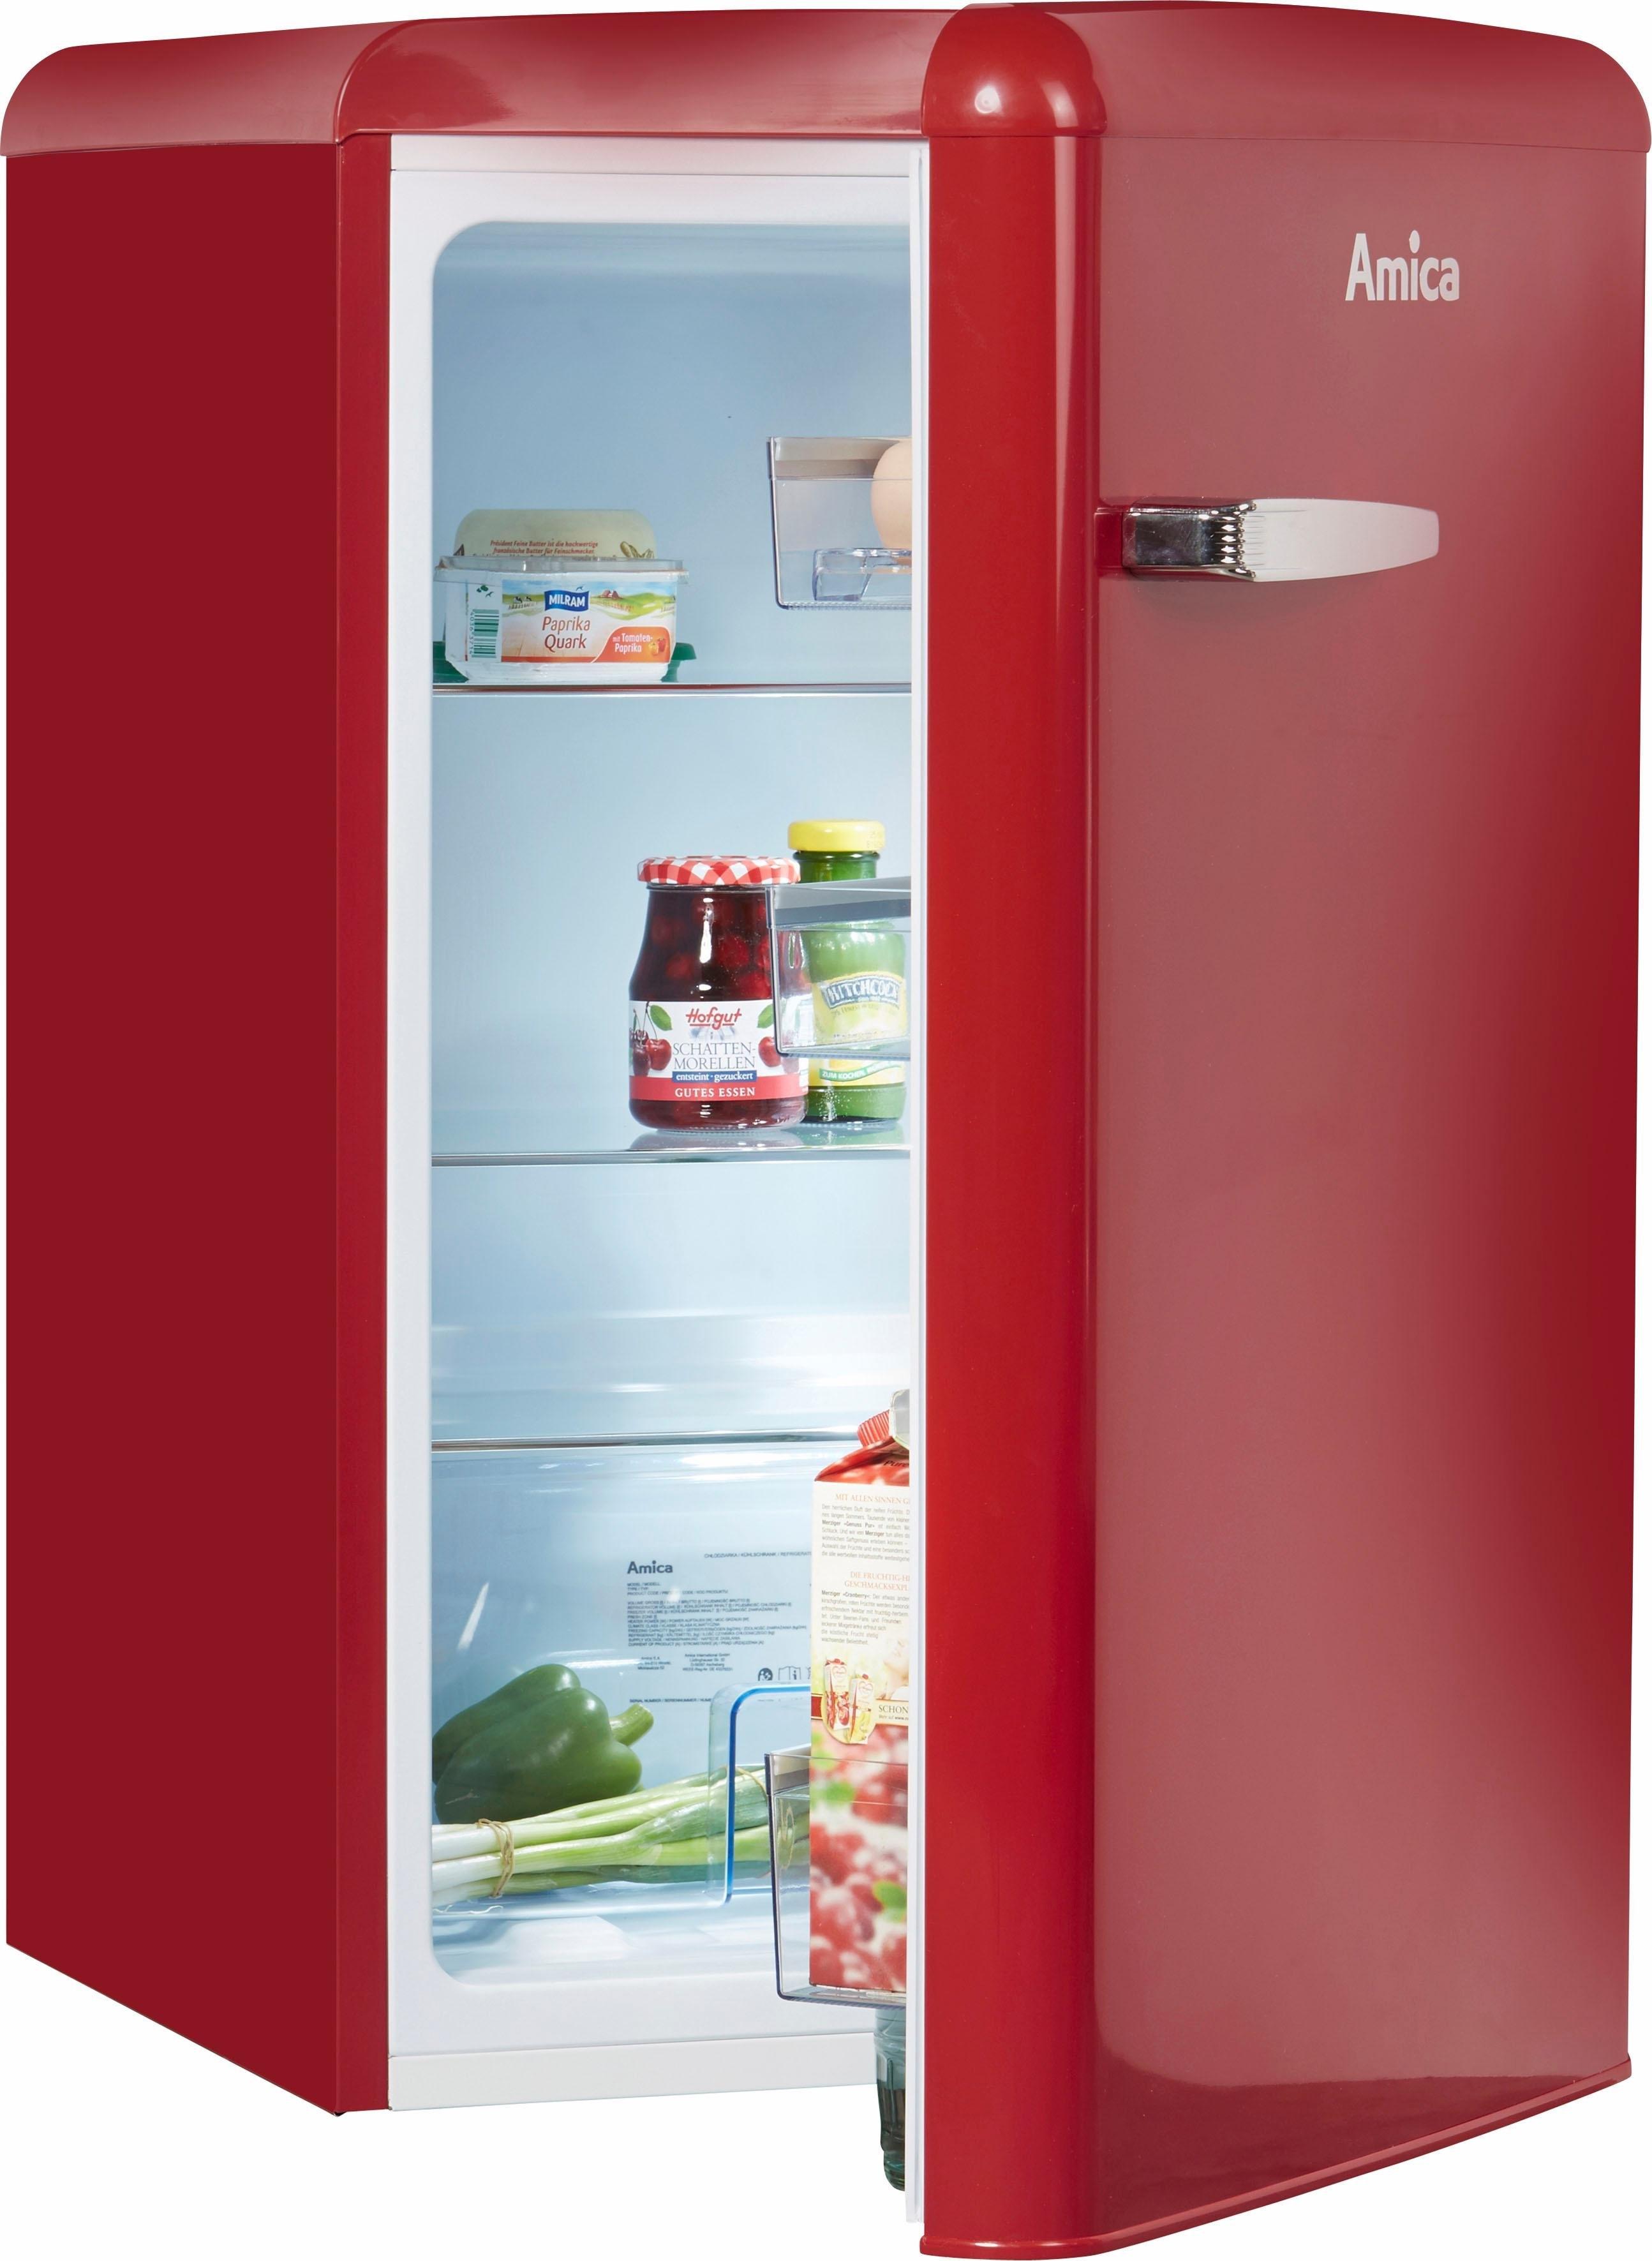 Amica koelkast VKS 15621 R, 86 cm hoog nu online kopen bij OTTO